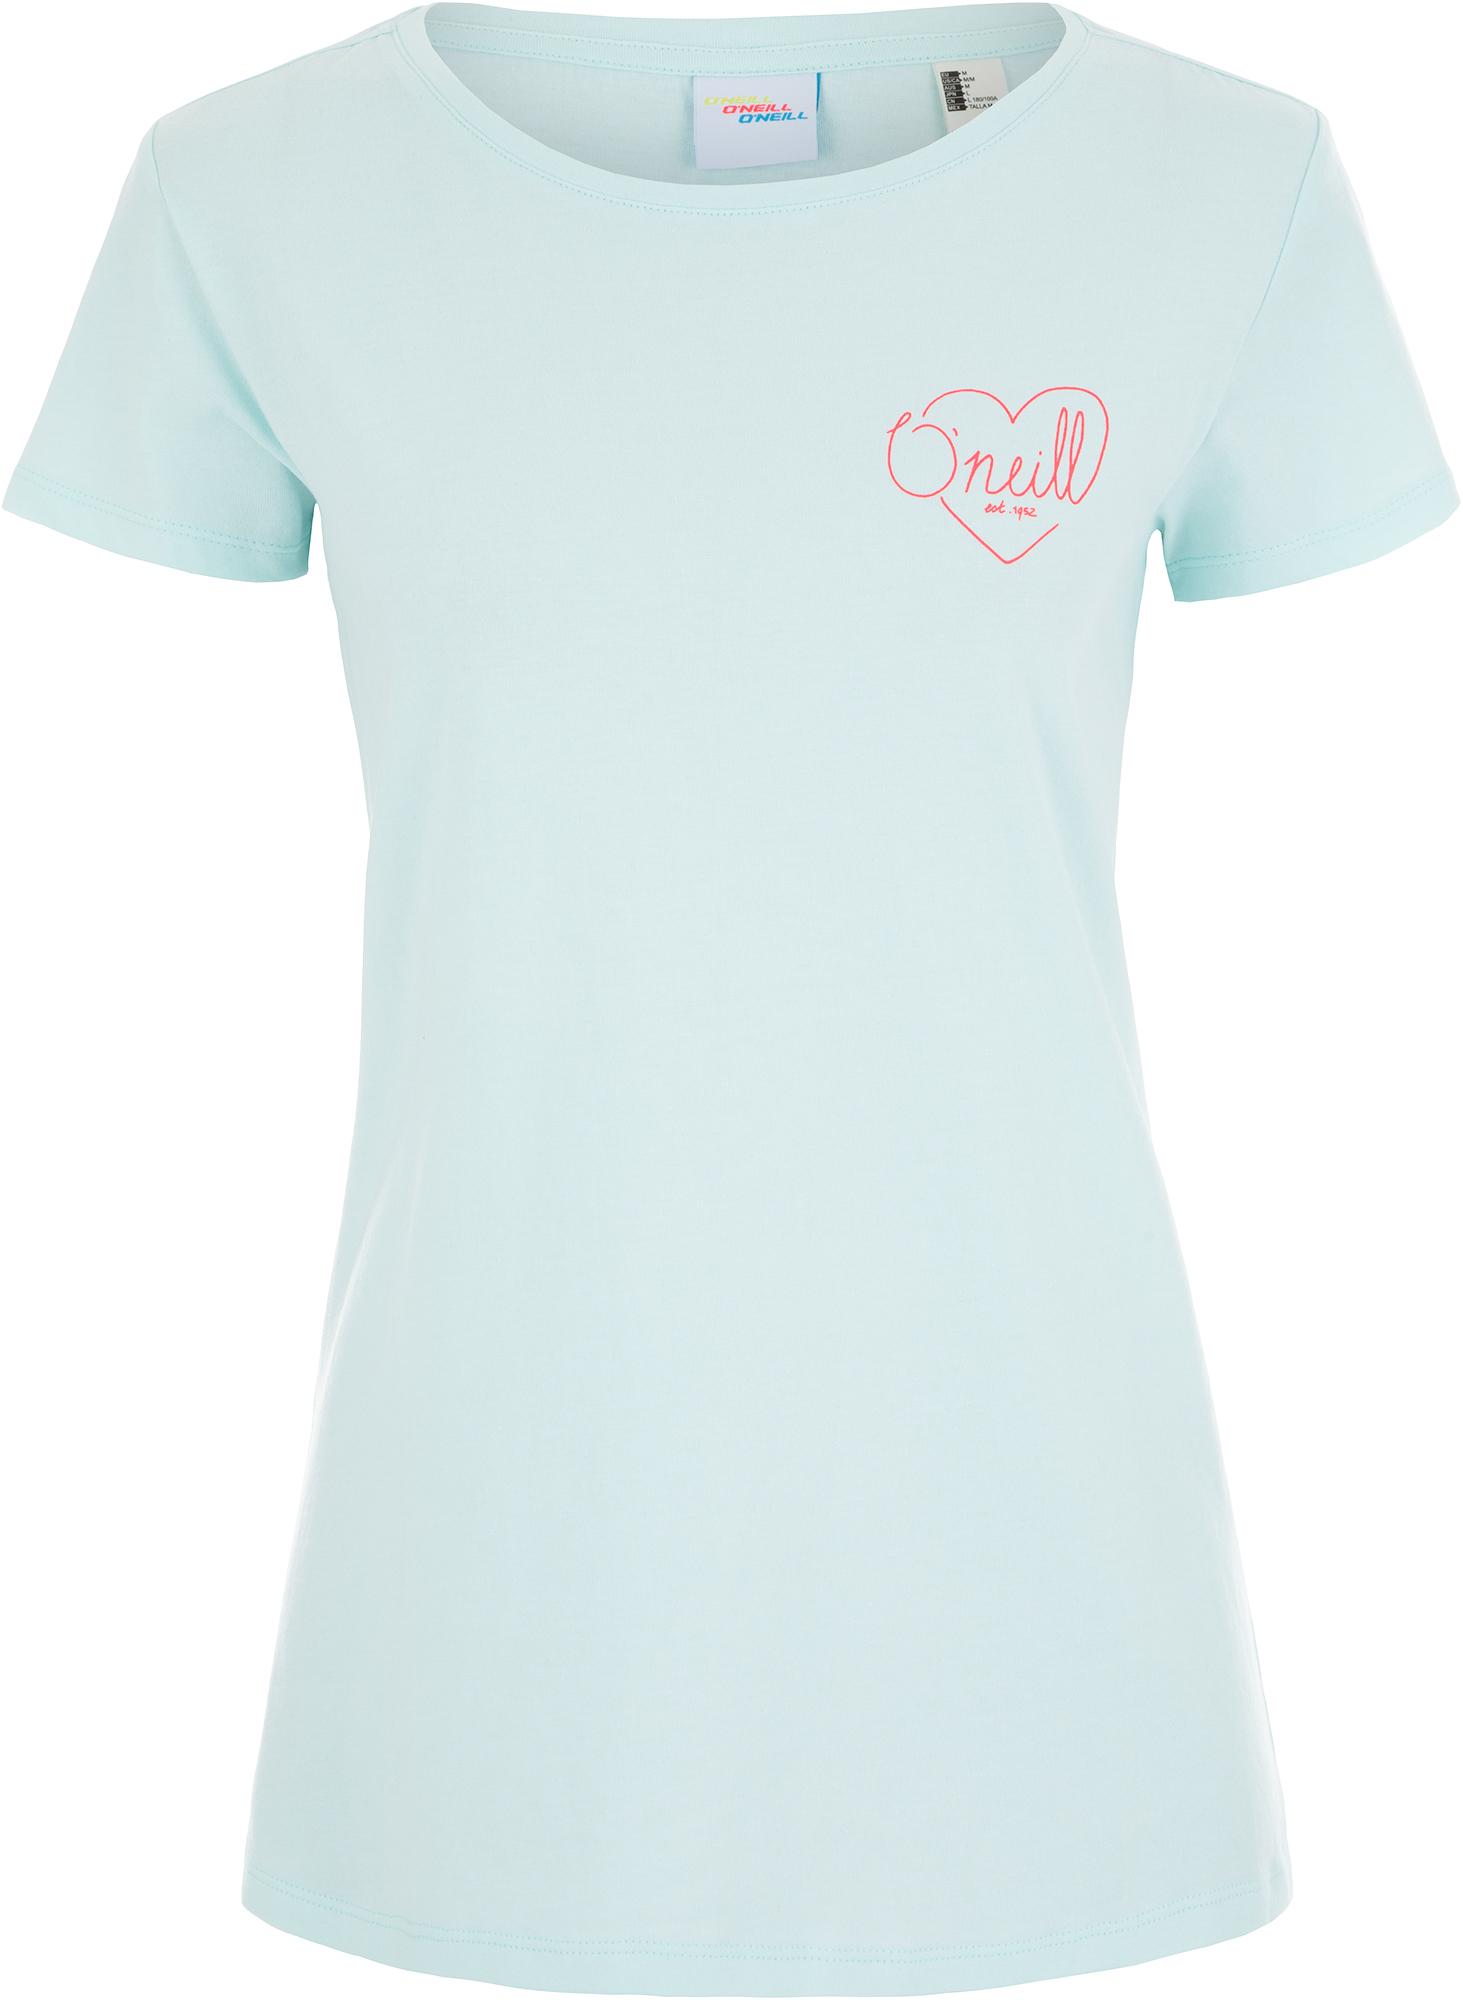 O'Neill Футболка женская O'Neill Lw Flower, размер 50-52 футболка женская o neill lw brooklyn banks t shirt цвет светло серый 9a7310 8101 размер m 46 48